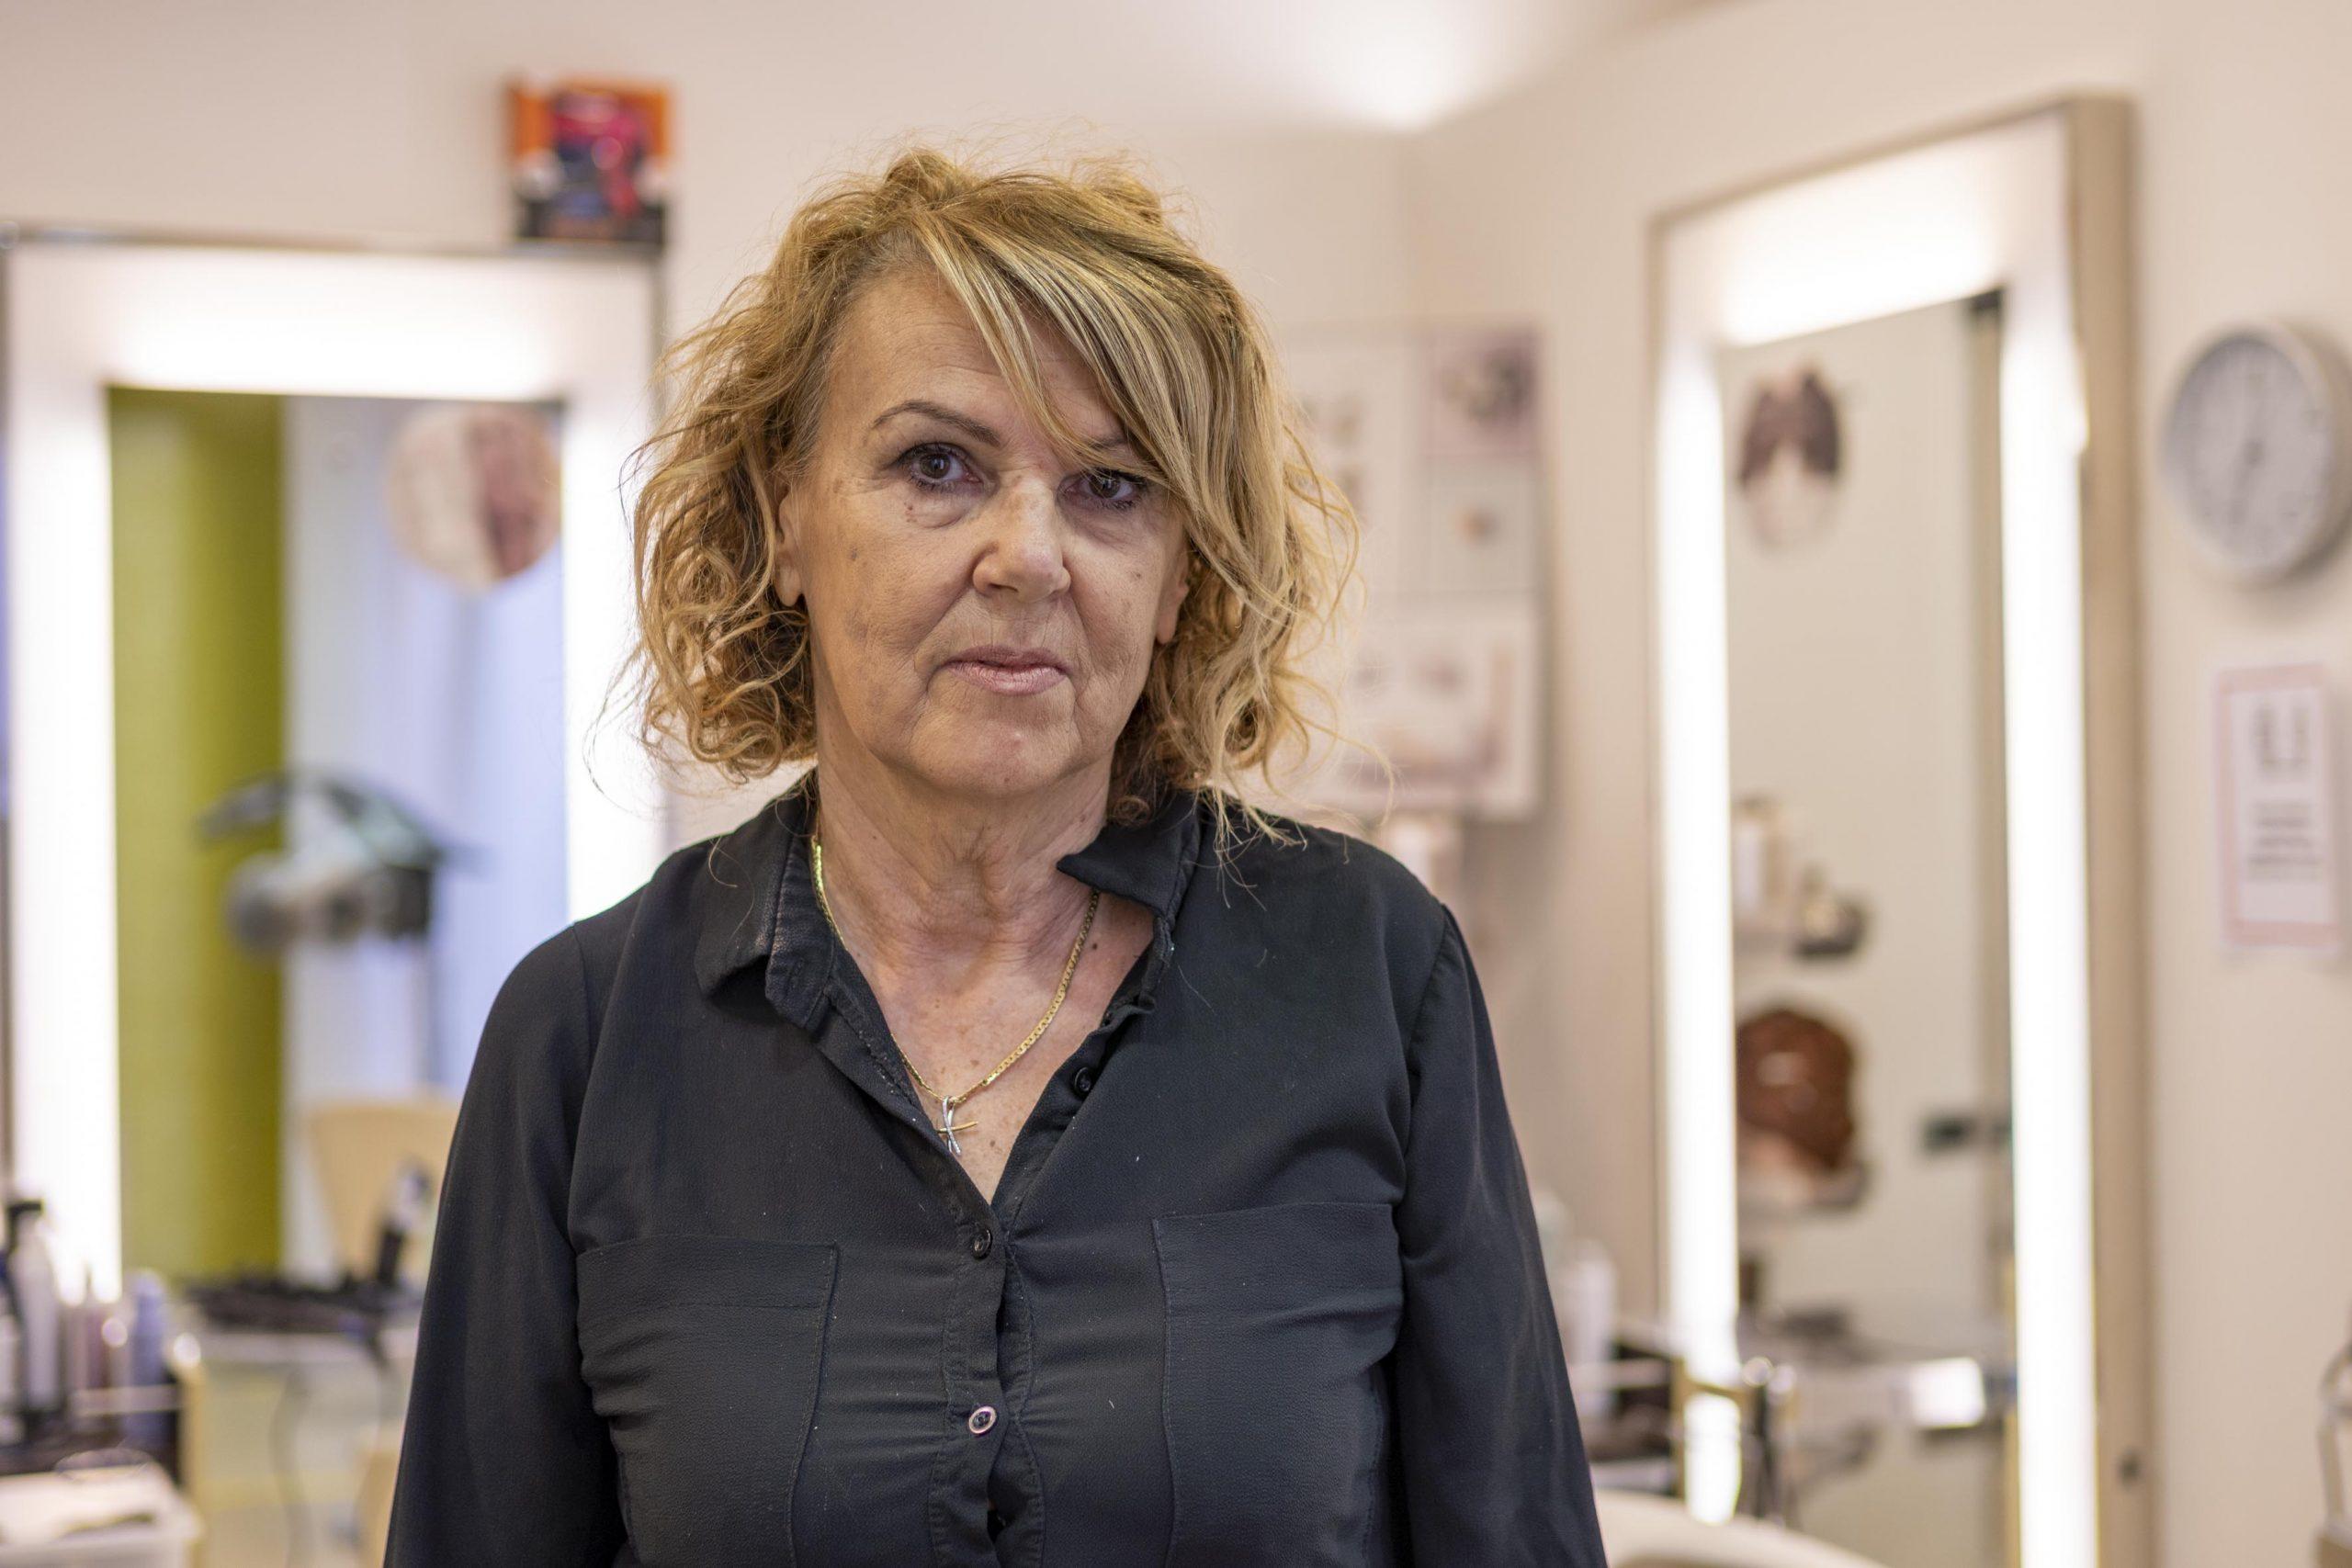 Elena Malanchini, Presidente di Cna Benessere e sanità